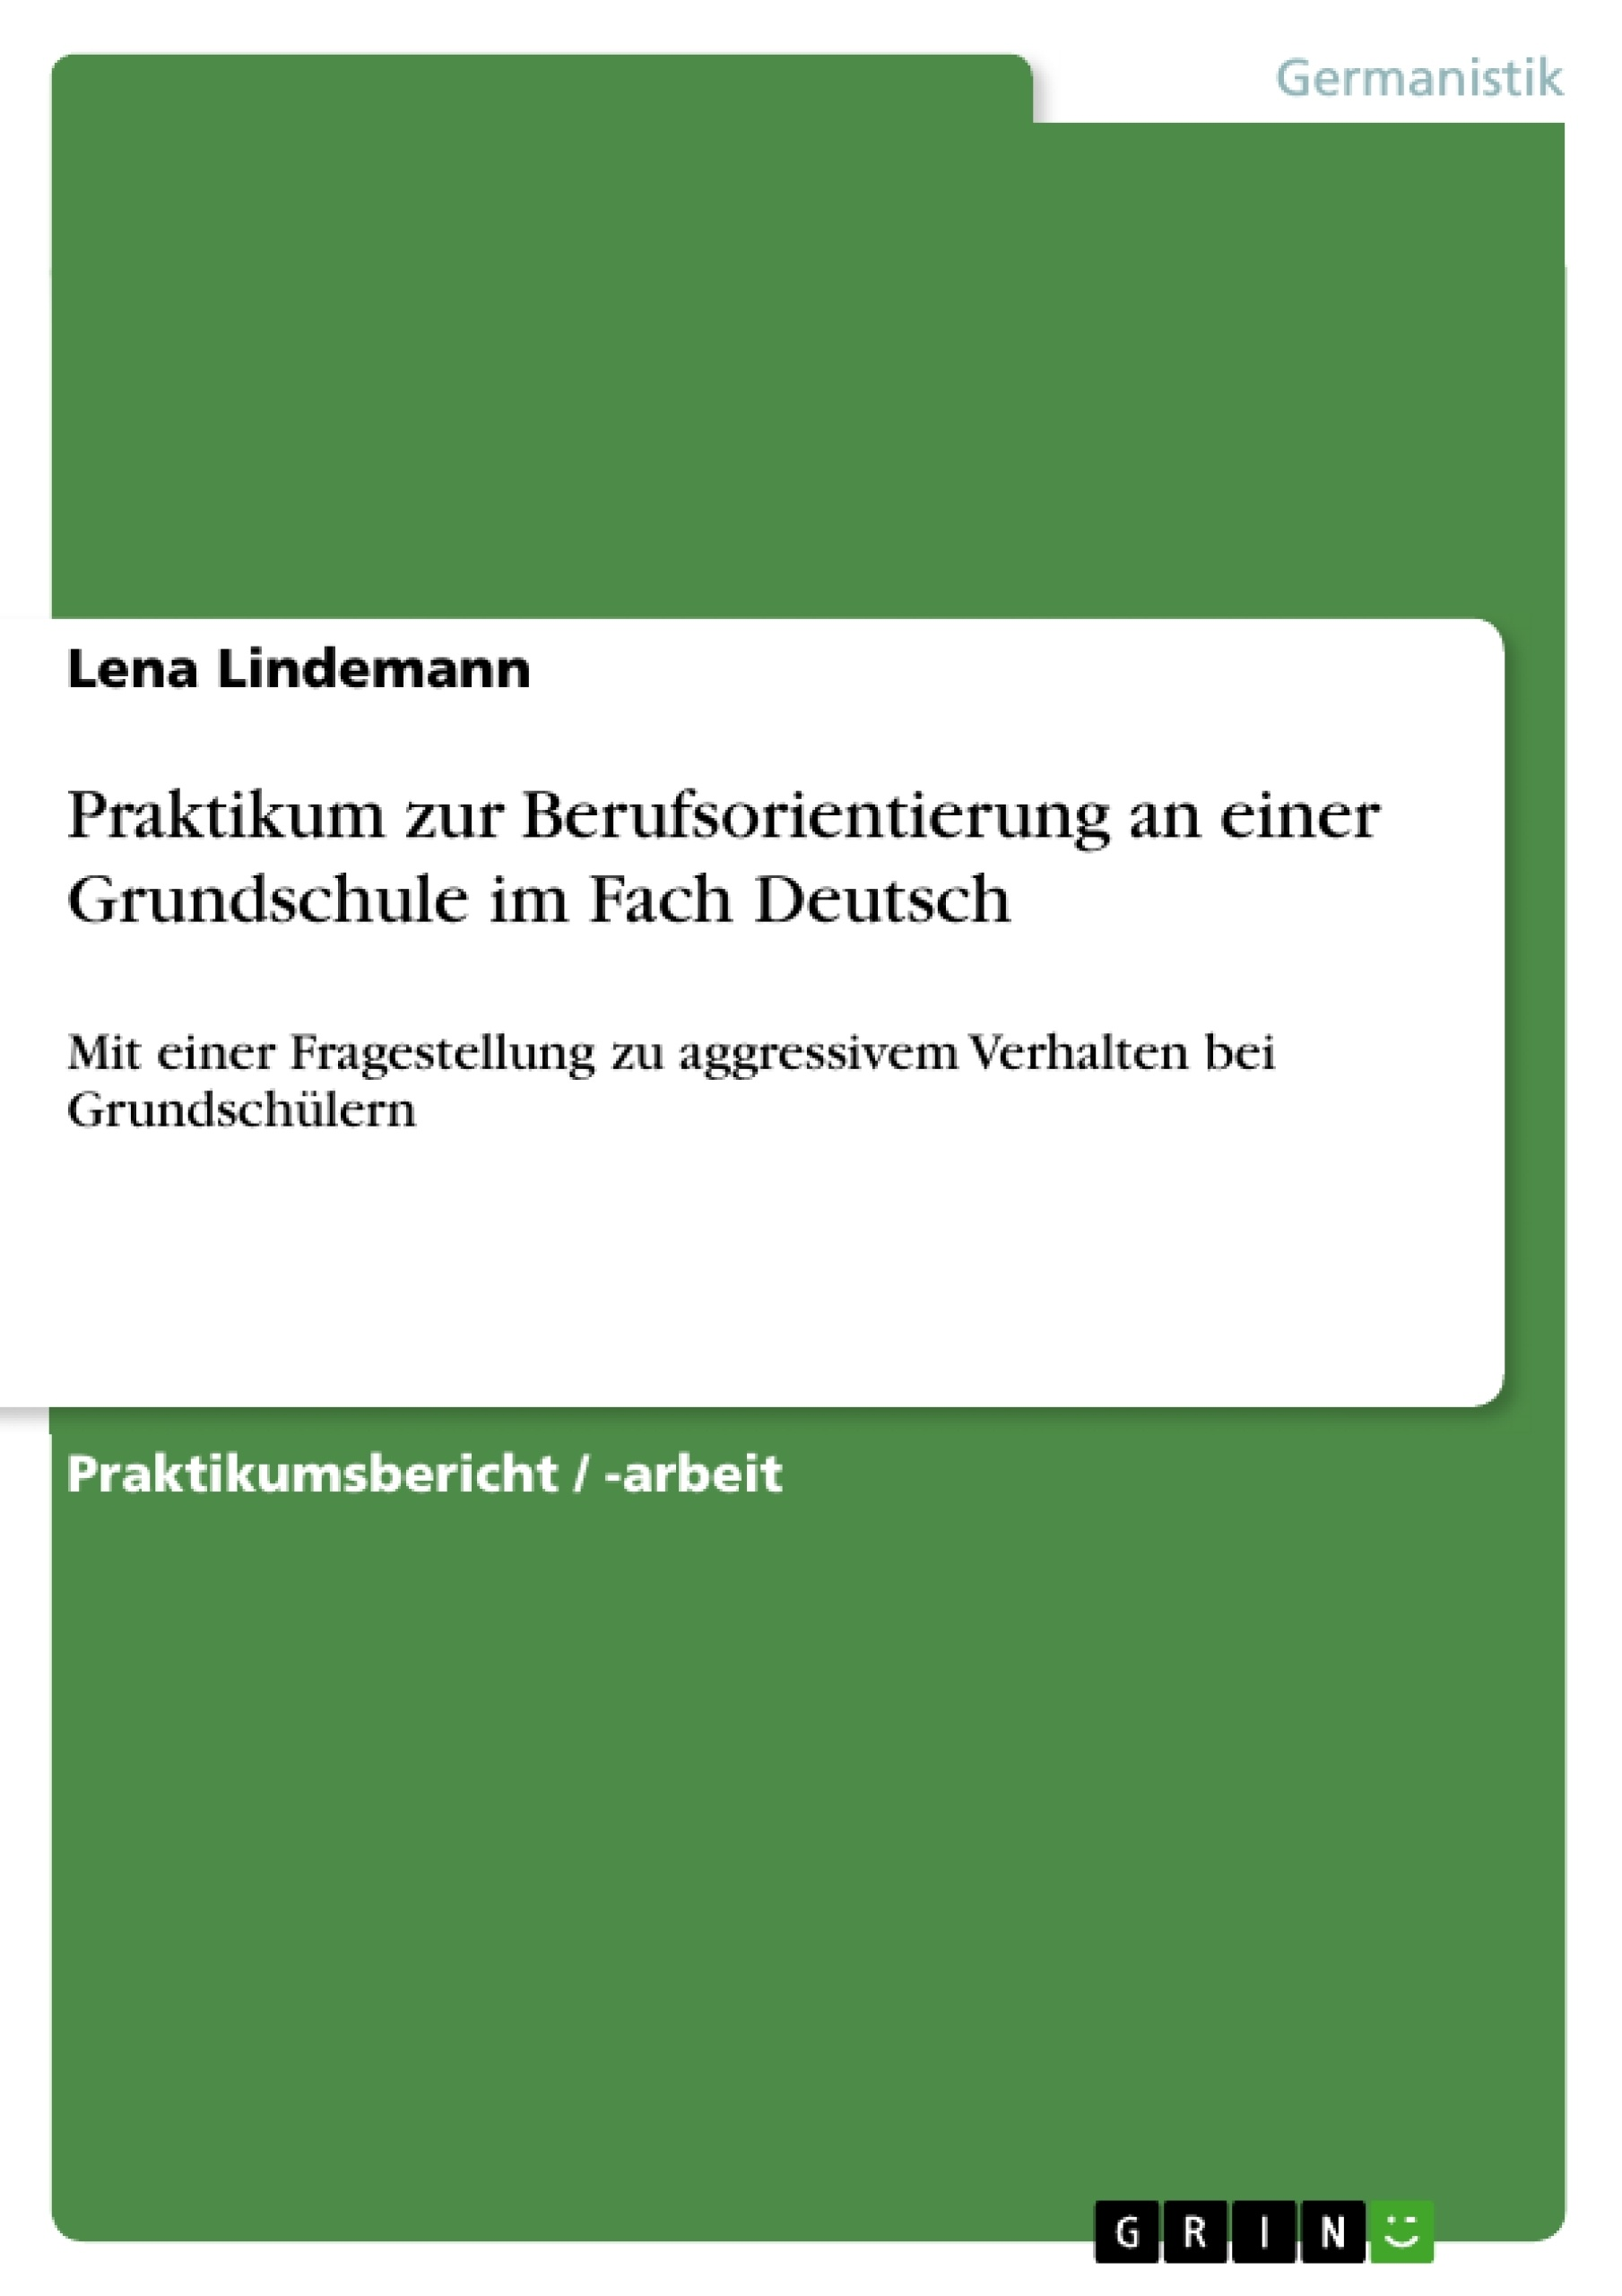 Titel: Praktikum zur Berufsorientierung an einer Grundschule im Fach Deutsch